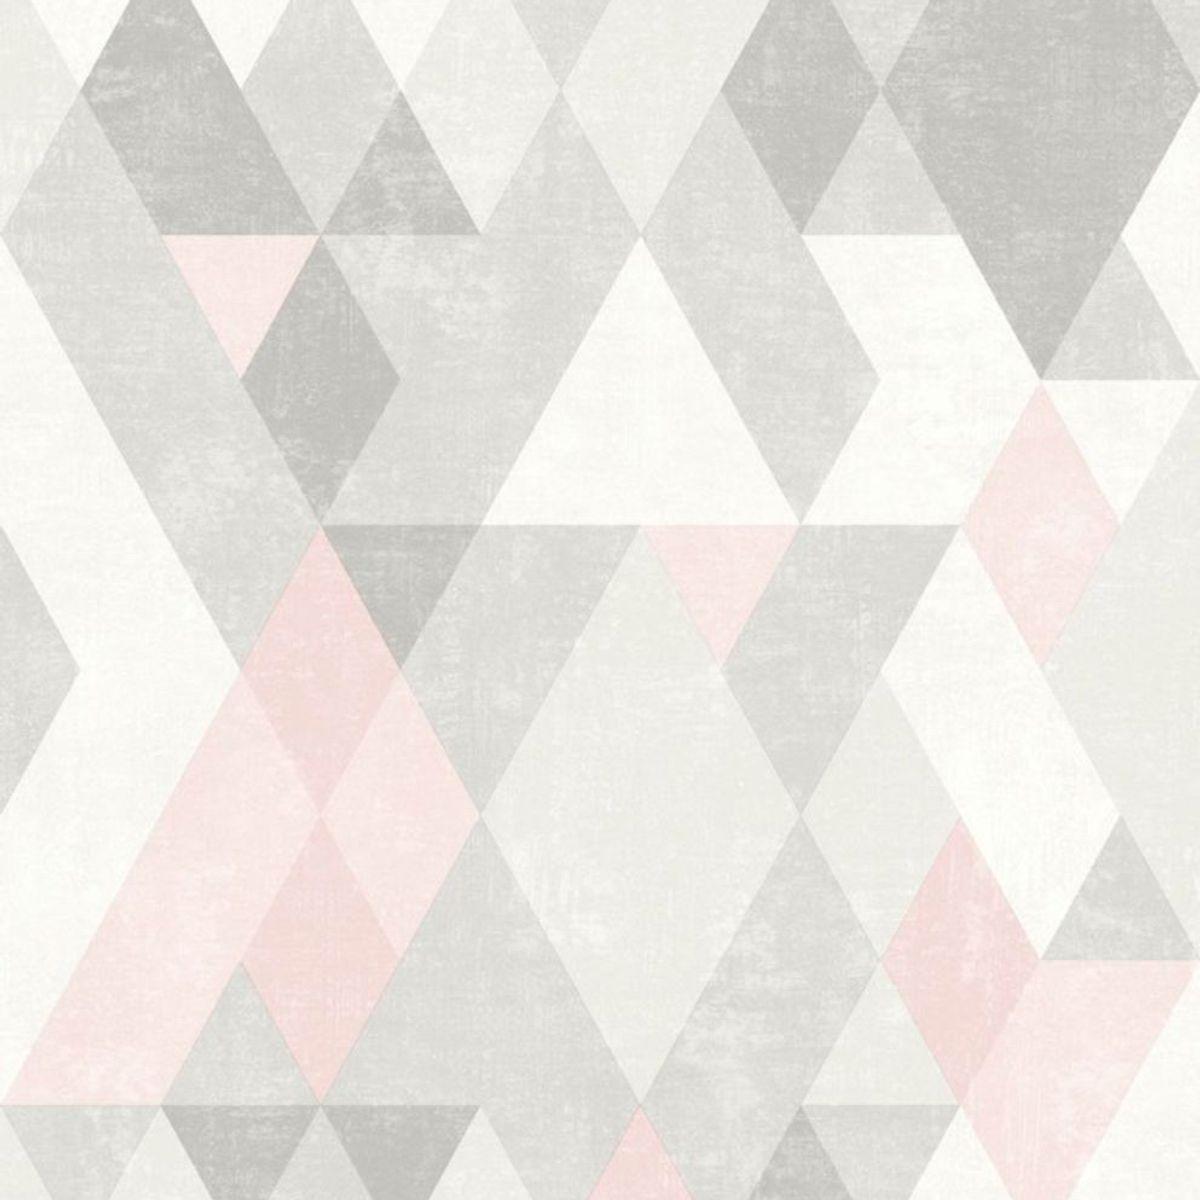 Papier peint dragée scandinave Tothill vinyl intissé